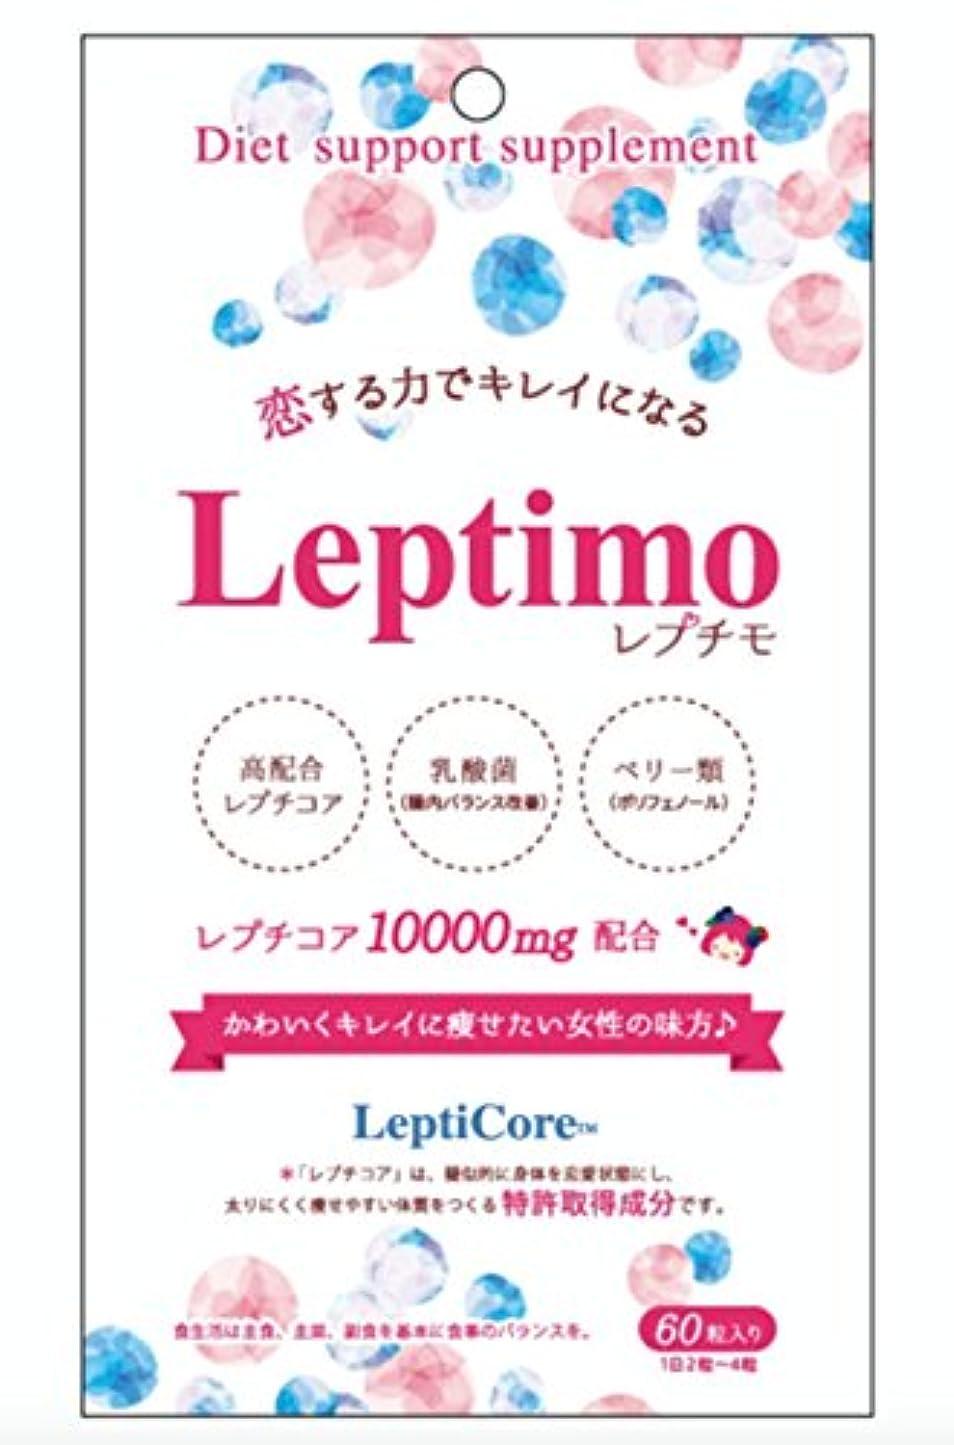 弾力性のある愛国的な応答Leptimo(レプチモ) ダイエット サプリメント 60粒 20日分